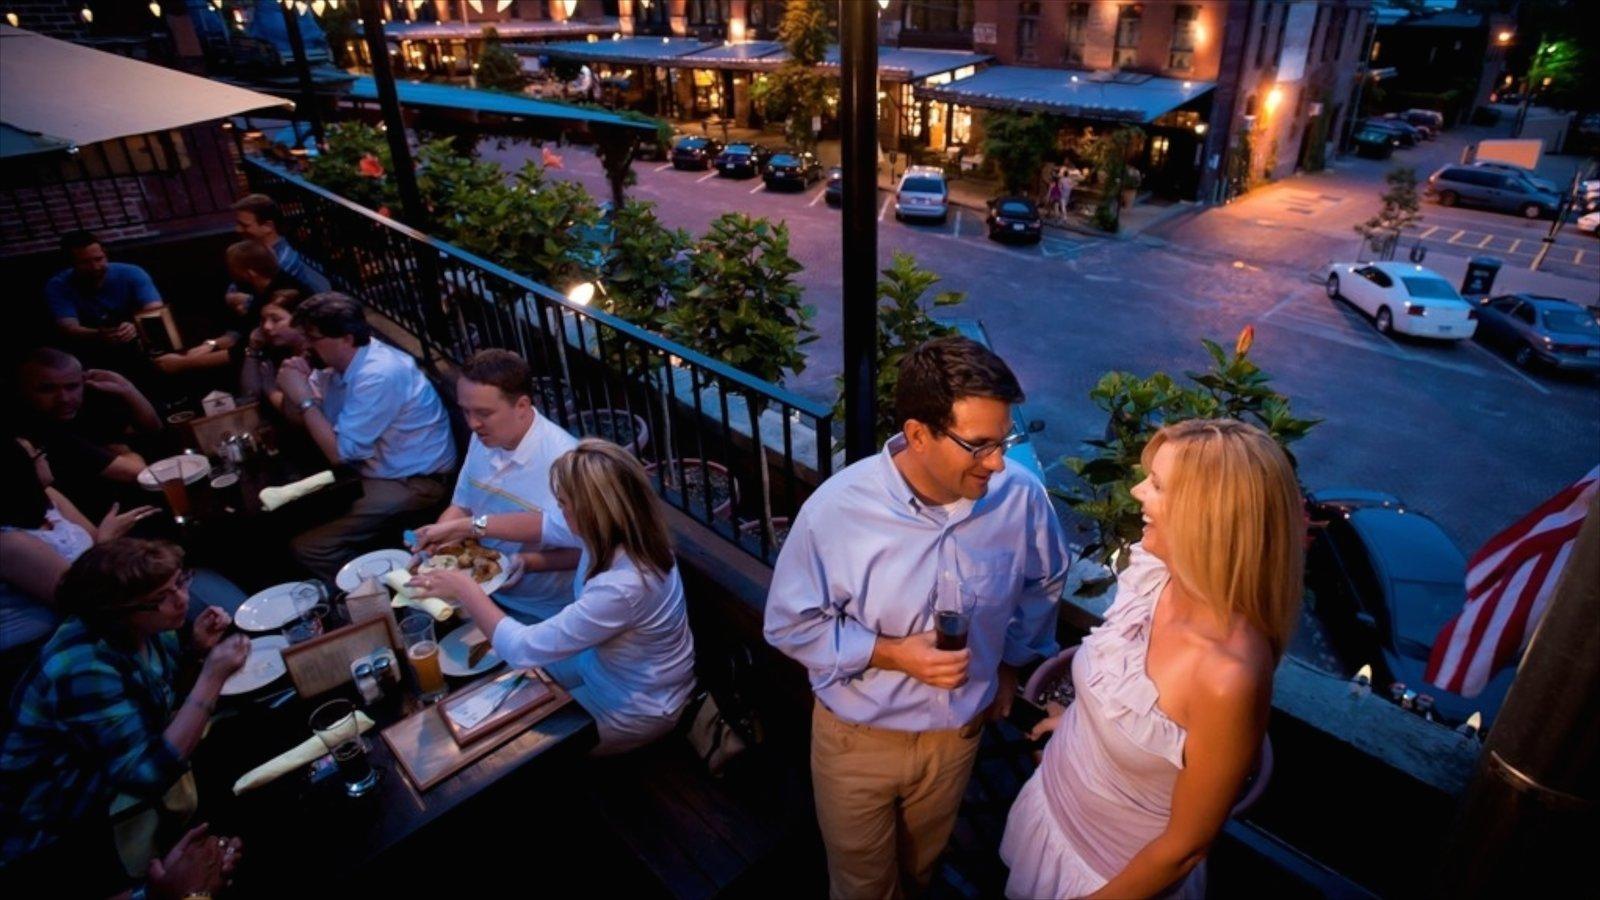 Omaha que inclui cenas noturnas e jantar fora assim como um grande grupo de pessoas